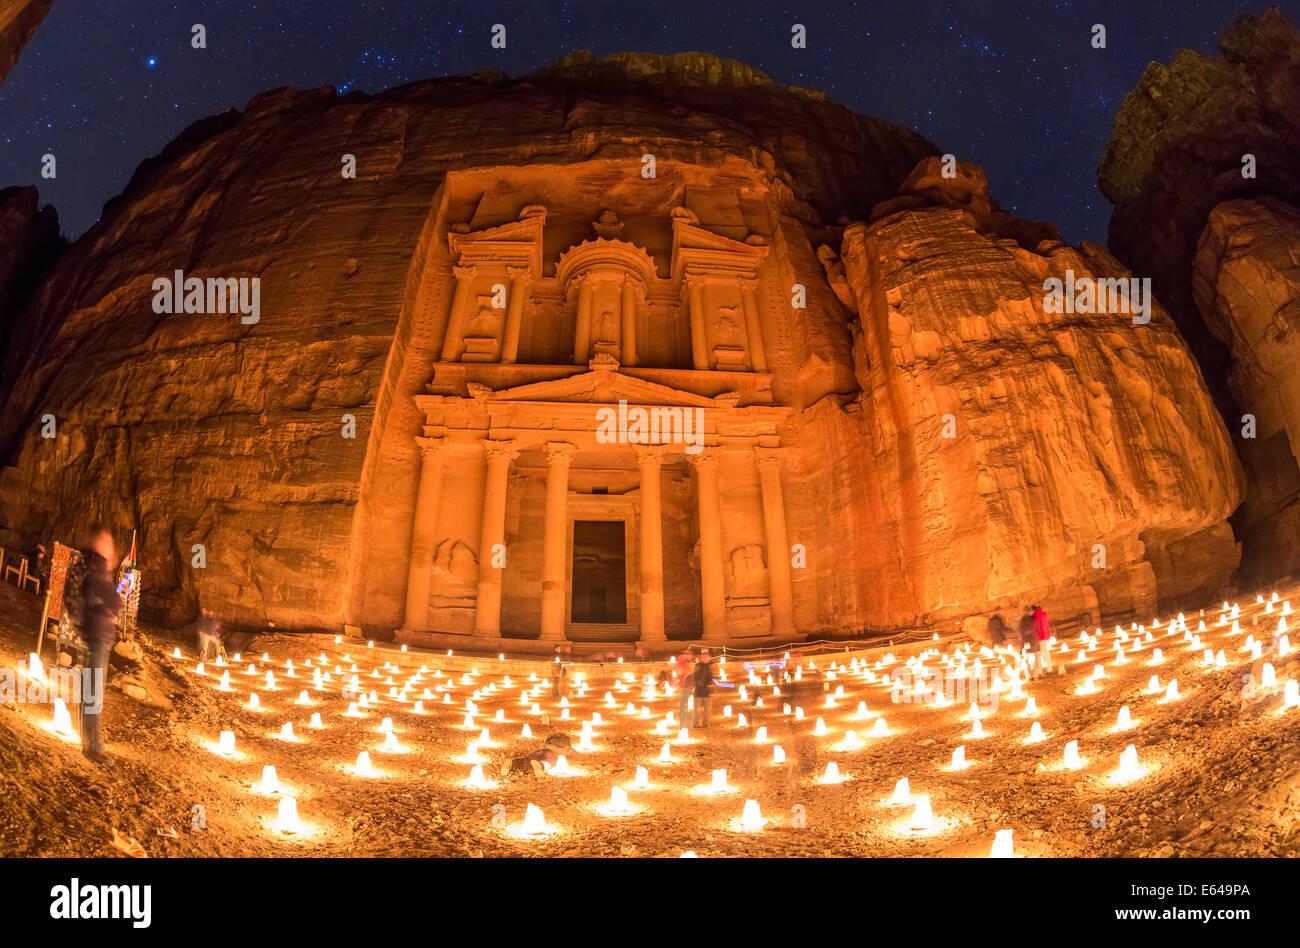 Das Finanzministerium (El Khazneh), in der Nacht beleuchtet von Kerzen, Petra, Jordanien Stockbild